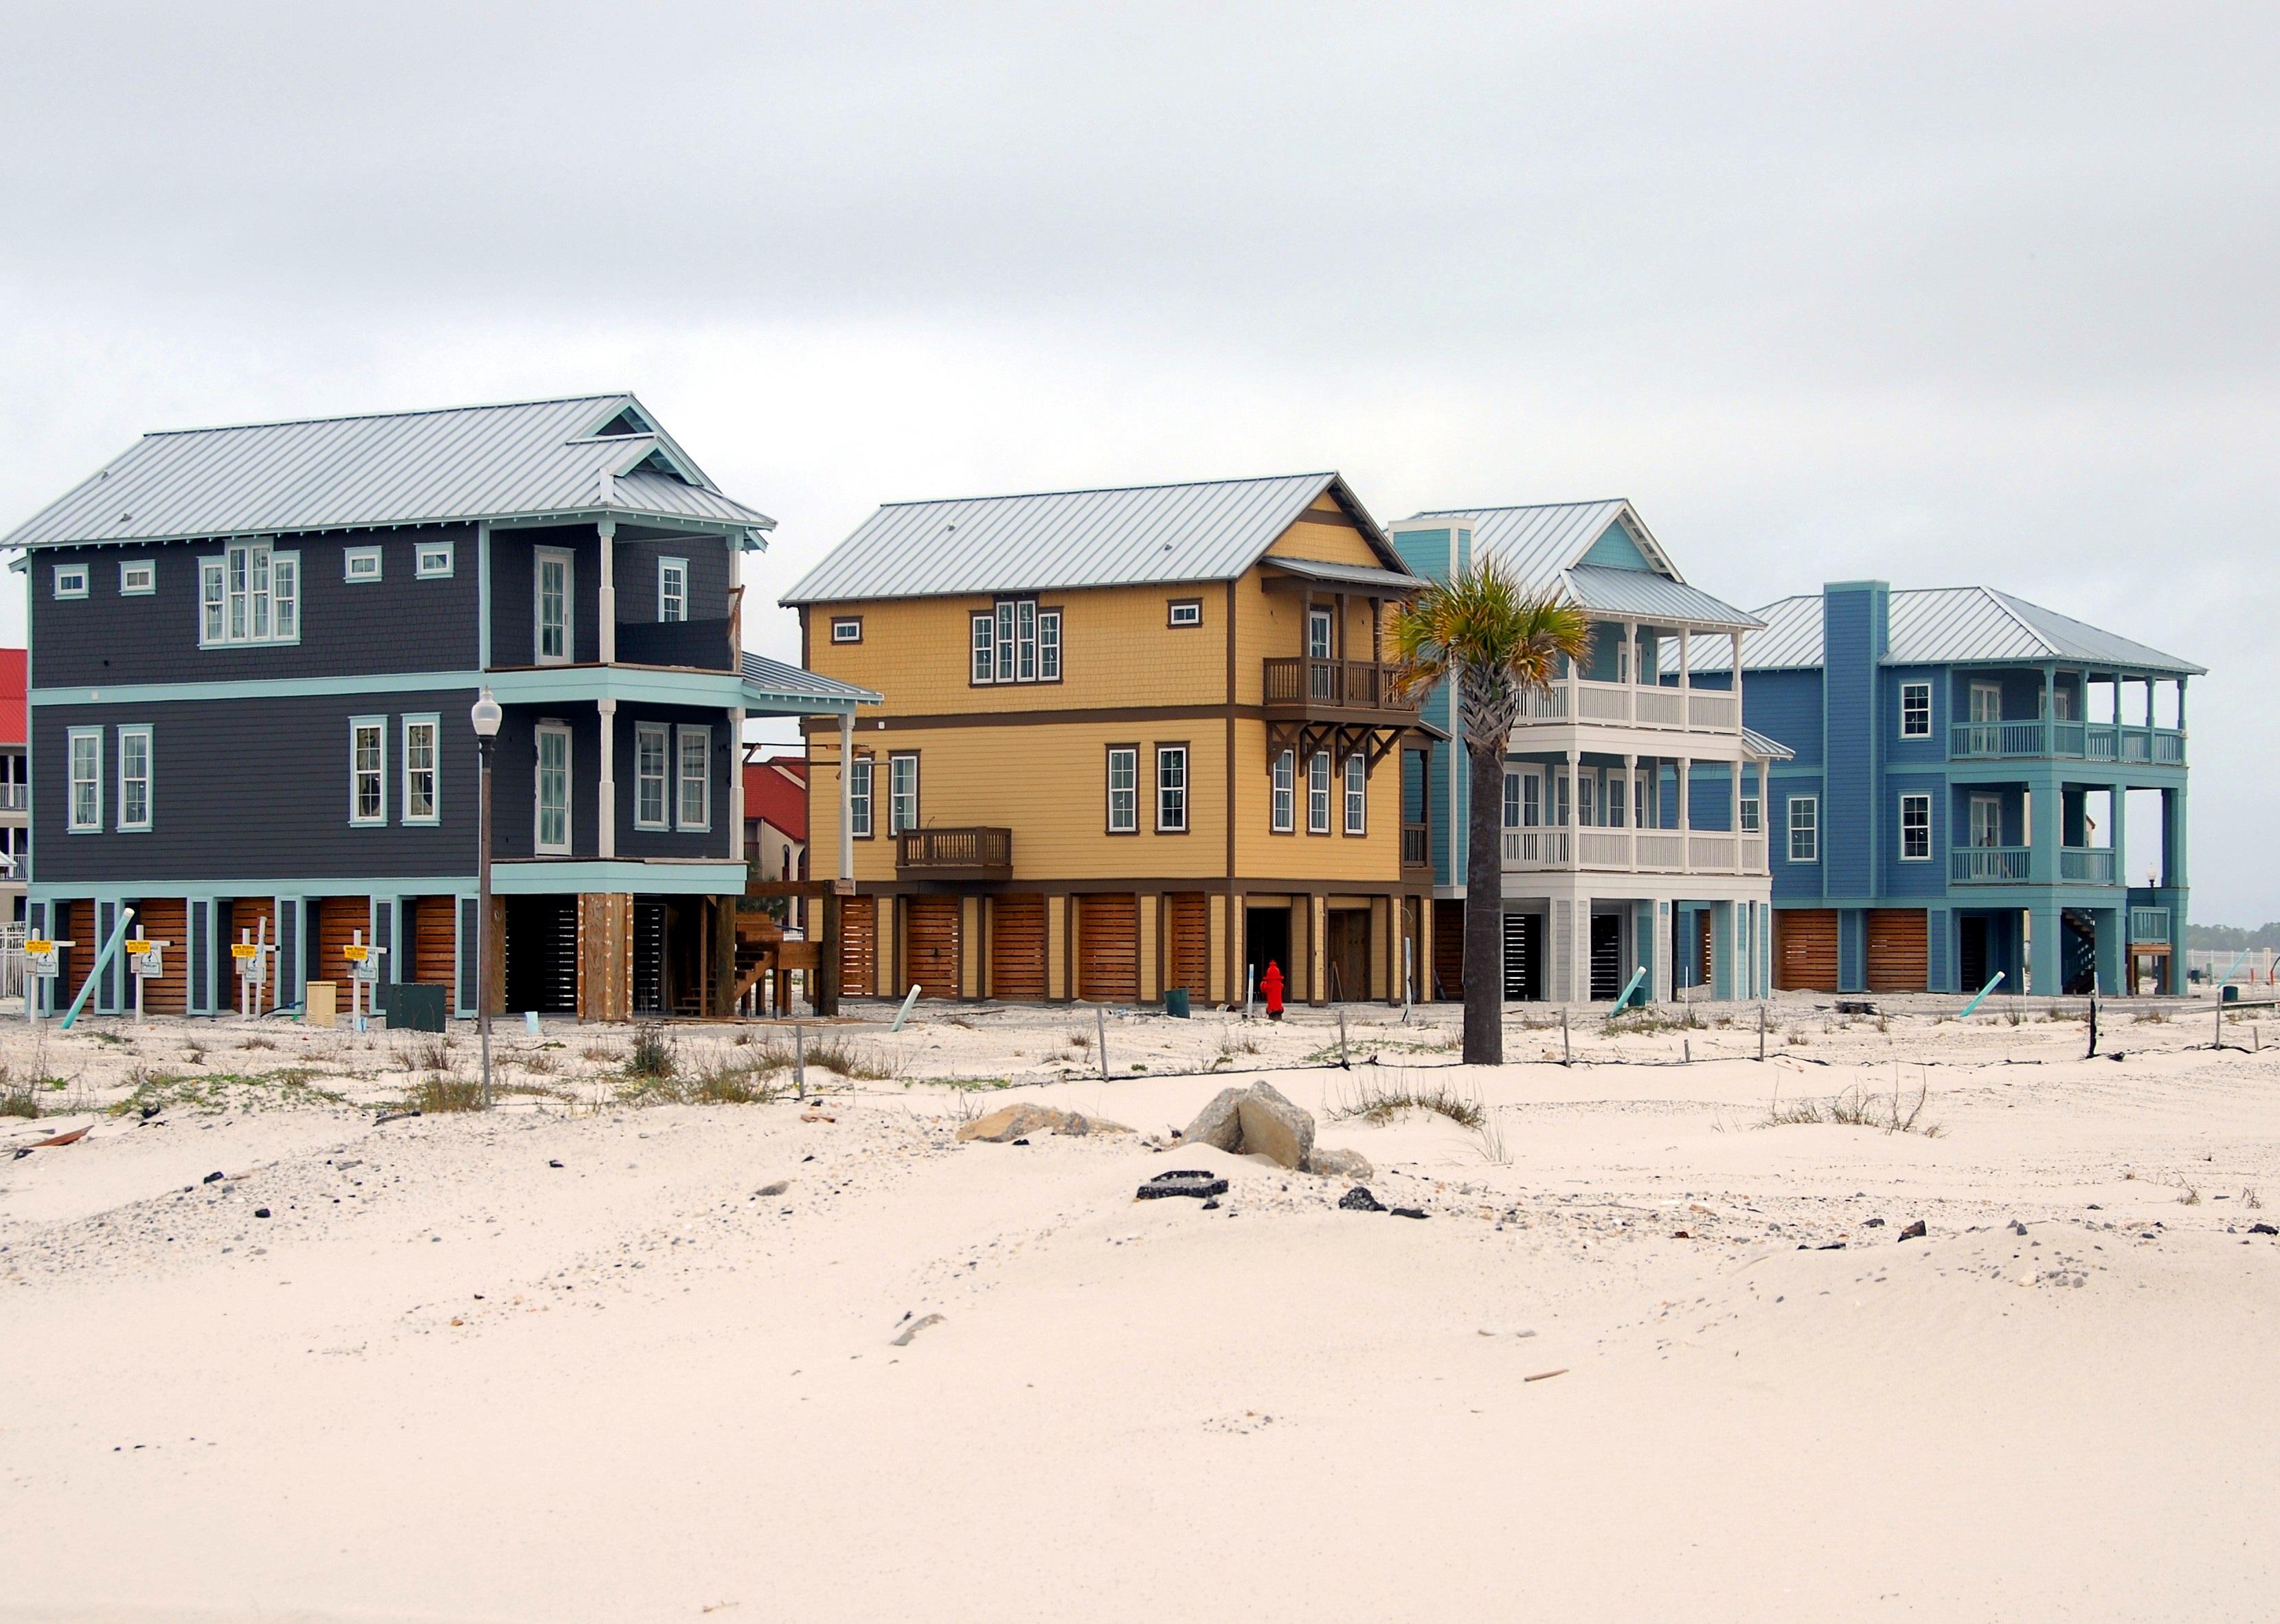 Texas Coast Beach Houses For Sale